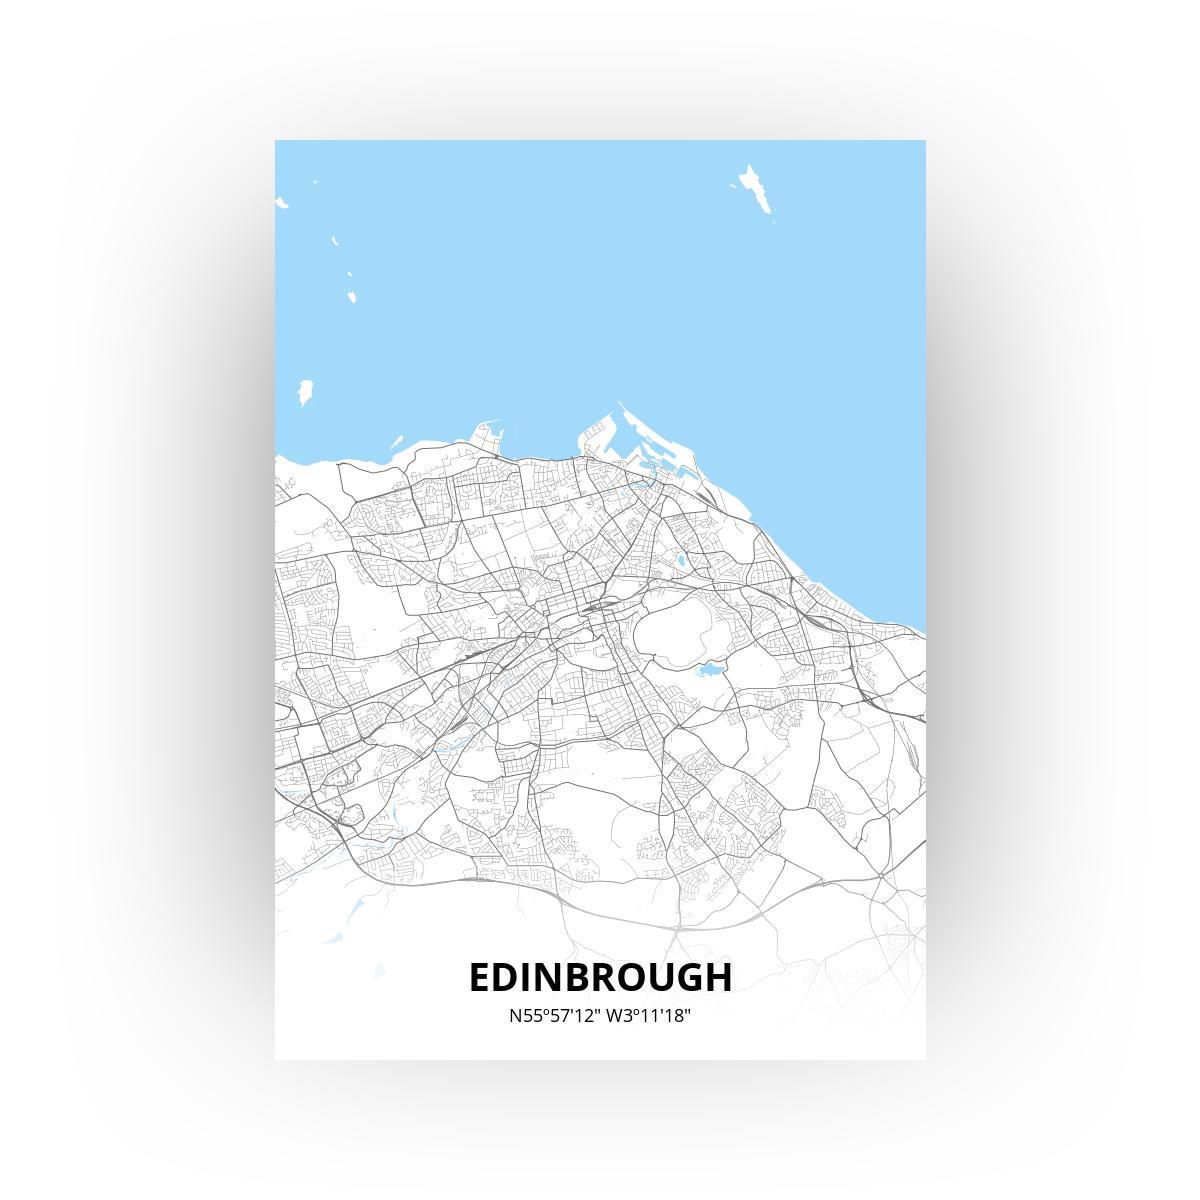 Edinbrough poster - Zelf aan te passen!